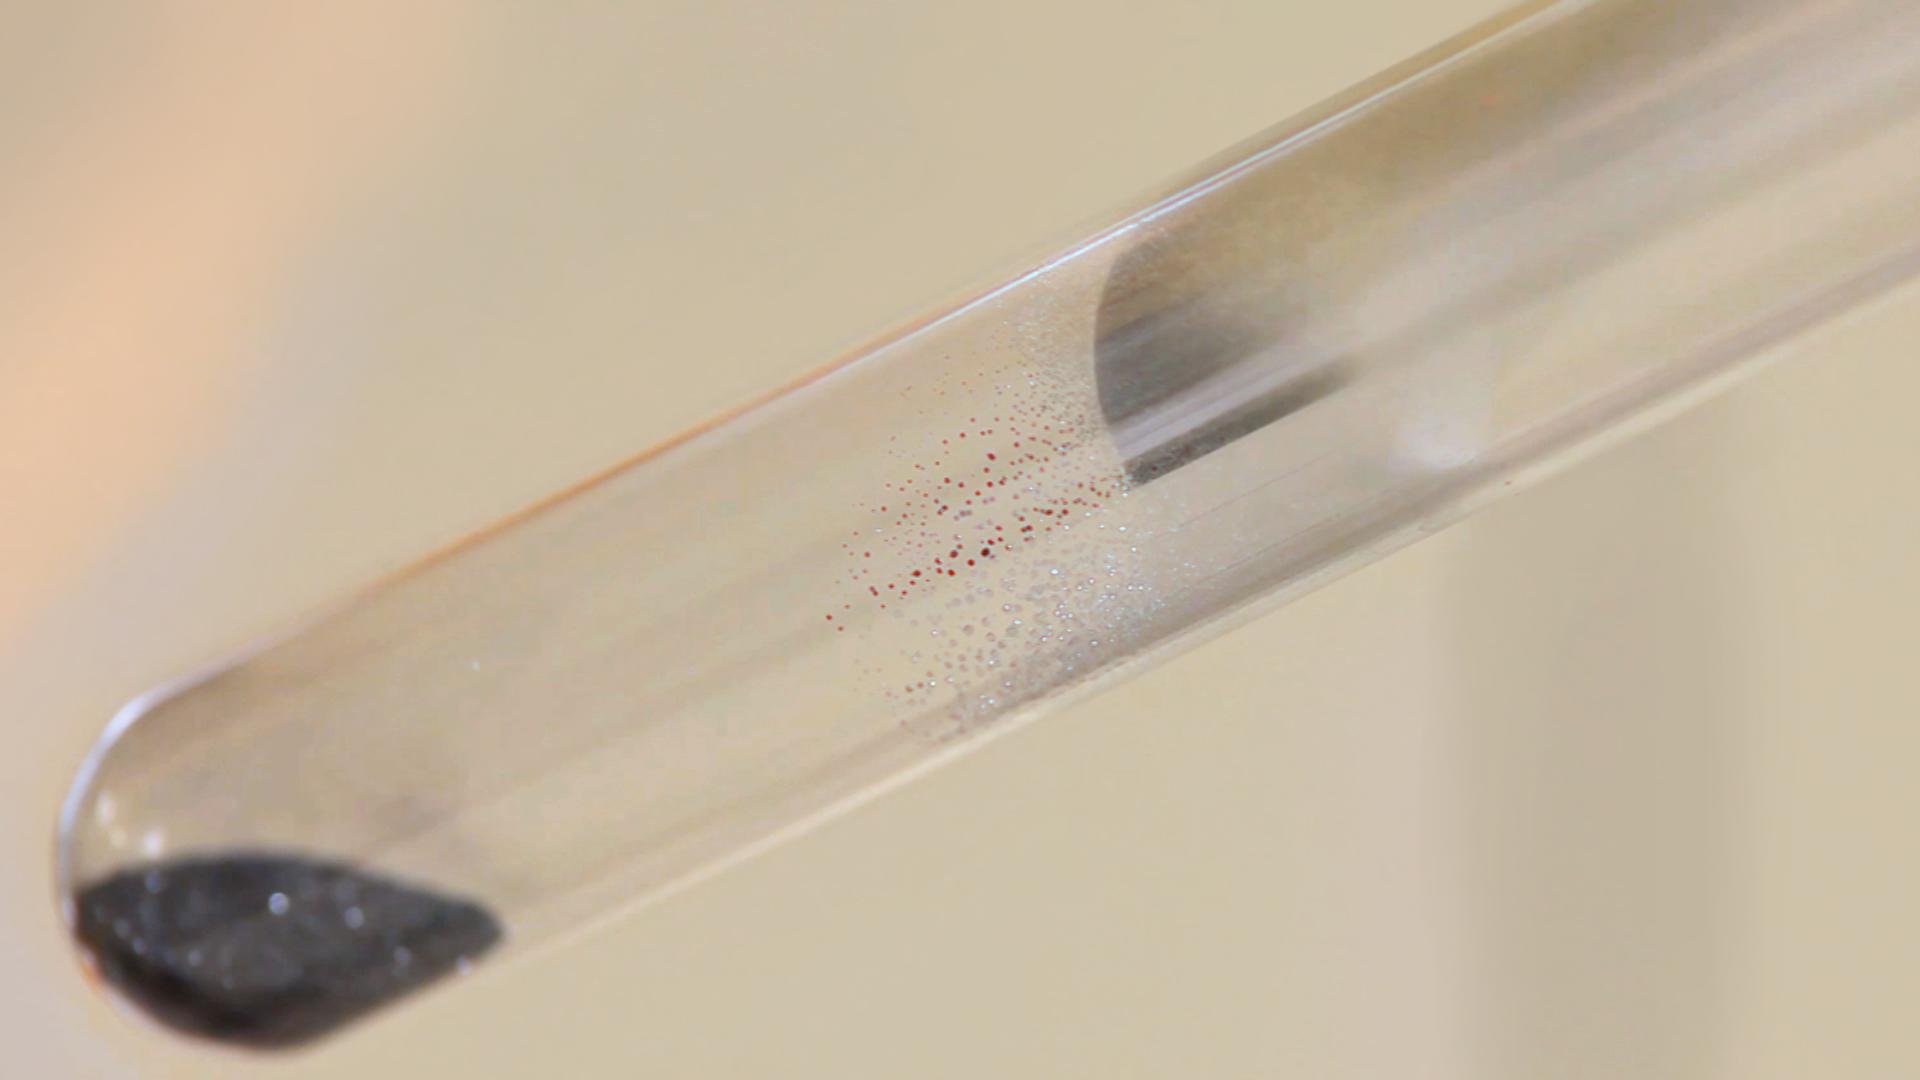 Zdjęcie zestawu do rozkładu tlenku rtęci(II) podczas pracy. Na zdjęciu widać rtęć osadzającą się wpostaci maleńkich kropelek na ściankach probówki powyżej ogrzewanego HgO.